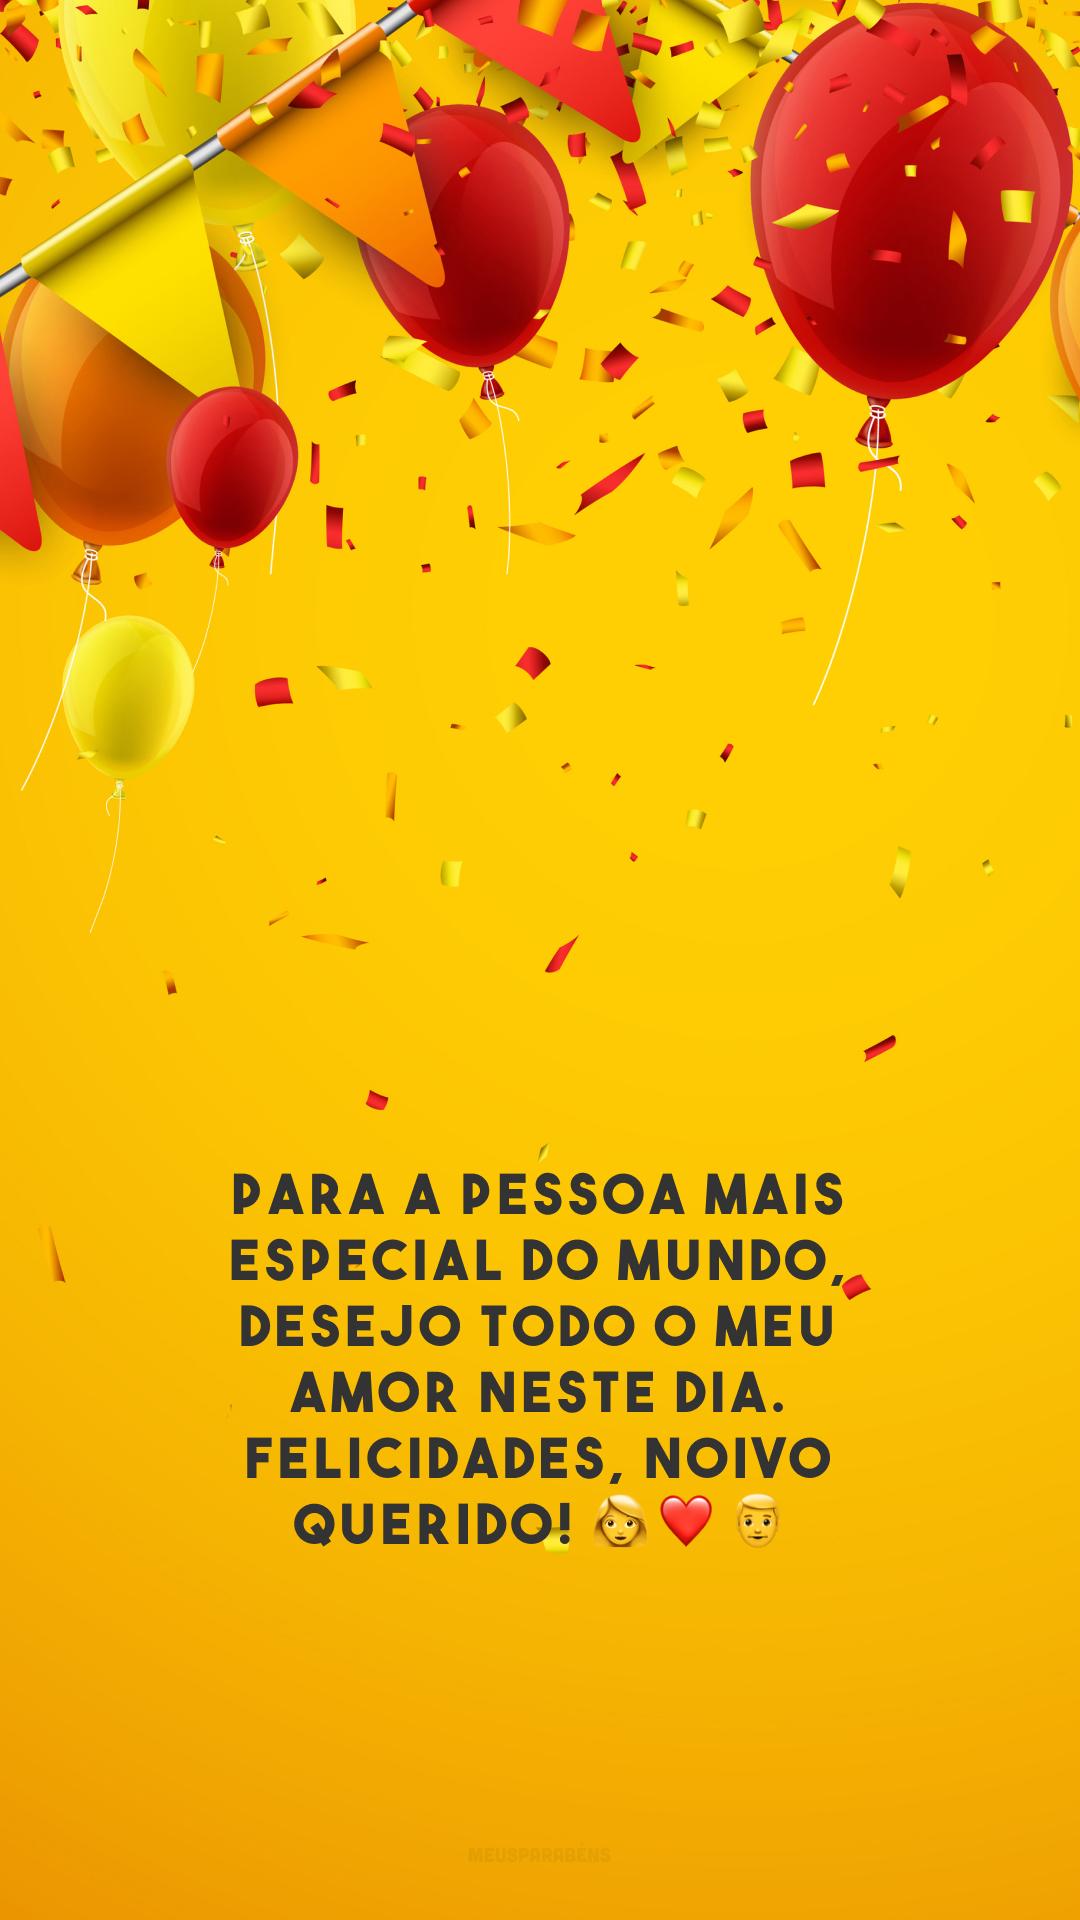 Para a pessoa mais especial do mundo, desejo todo o meu amor neste dia. Felicidades, noivo querido! 👩❤️👨